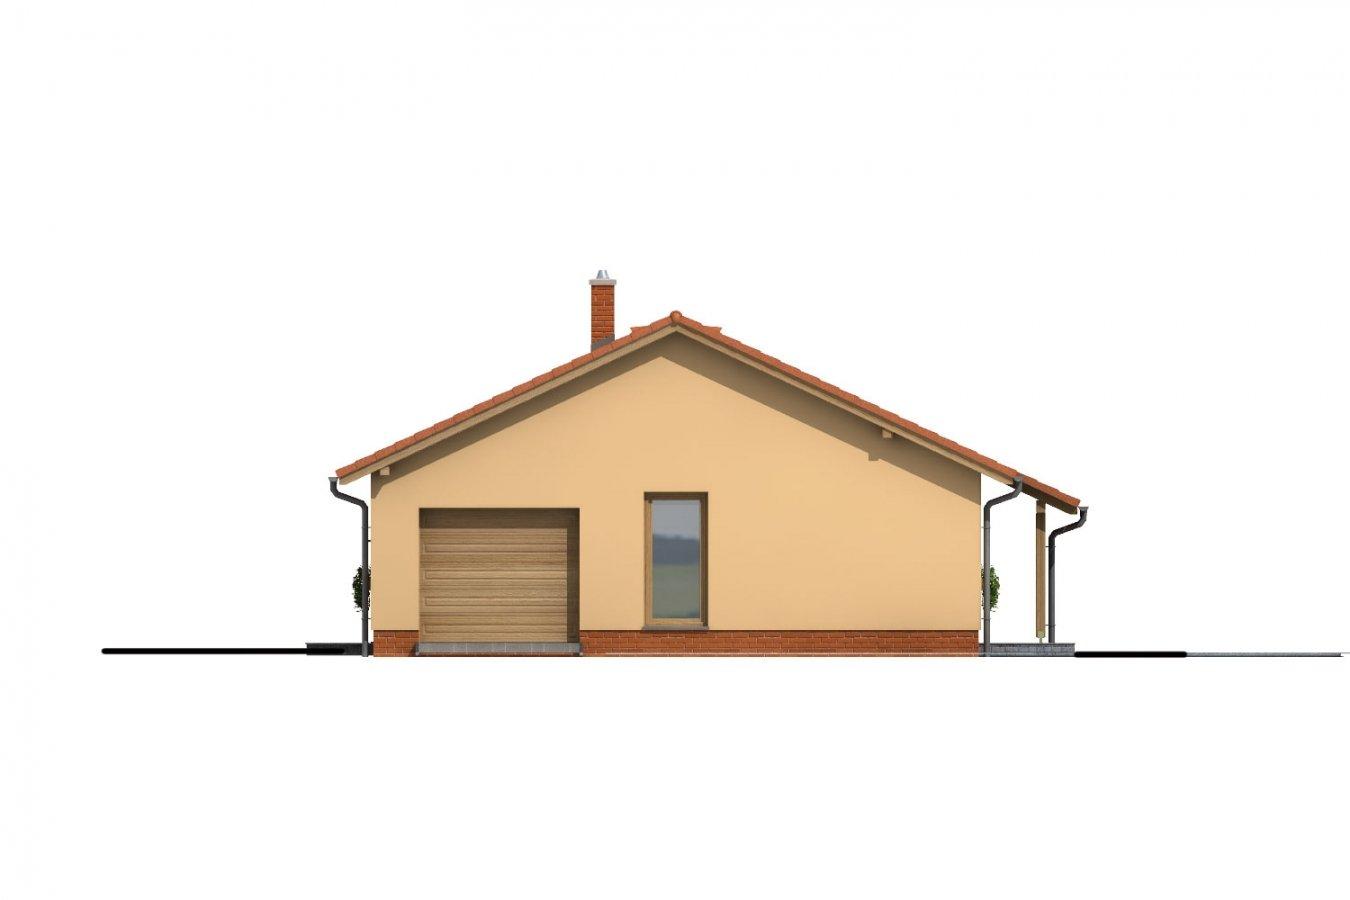 Pohľad 4. - Úzky rodinný dom s garážou.